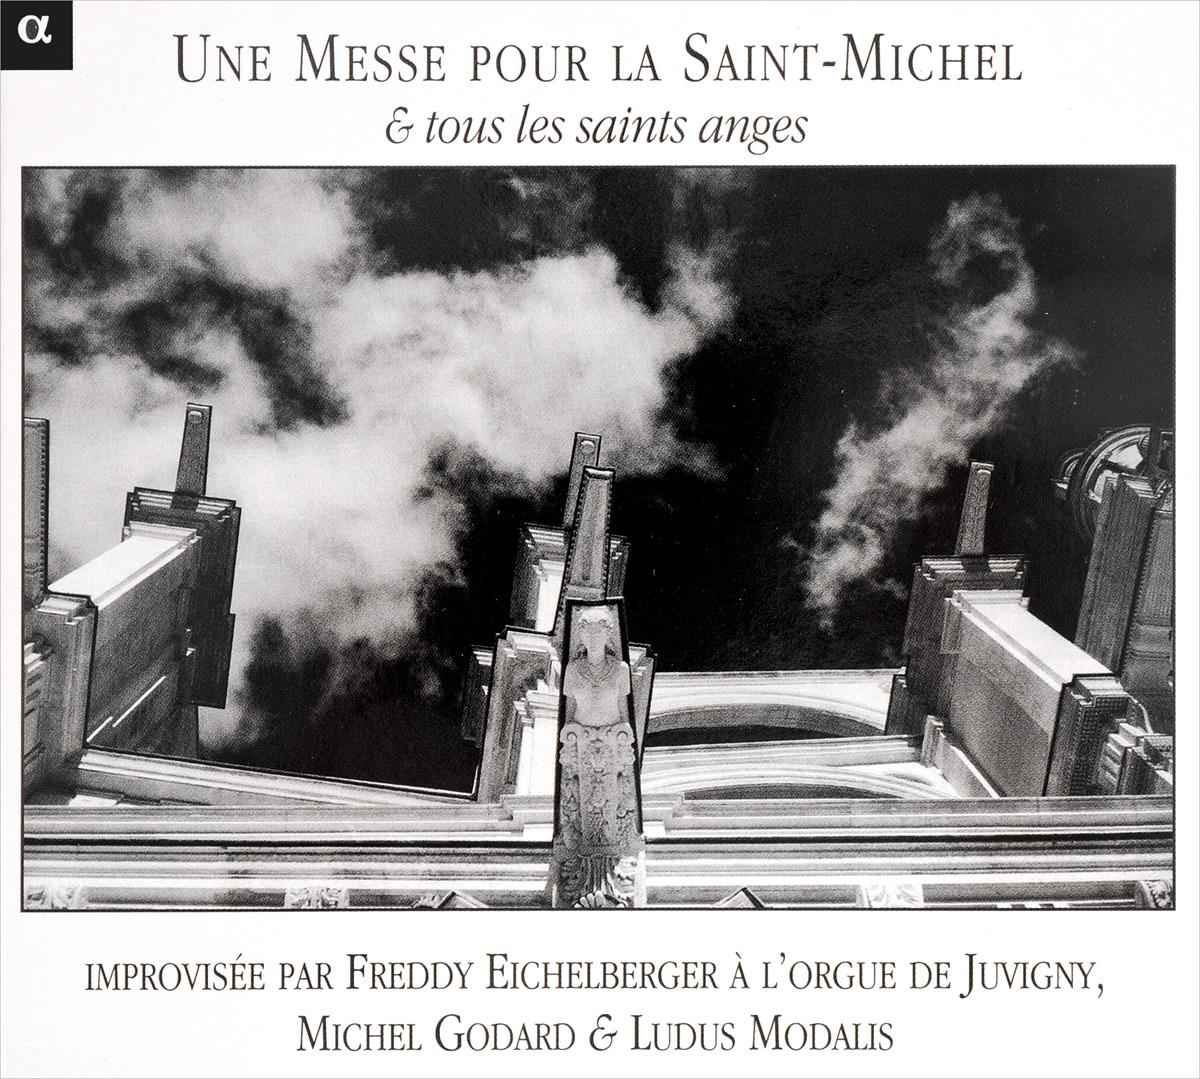 лучшая цена Freddy Eichelberger, Michel Godard & Ludus Modalis. Une Messe Pour La Saint-Michel & Tous Les Saints Anges